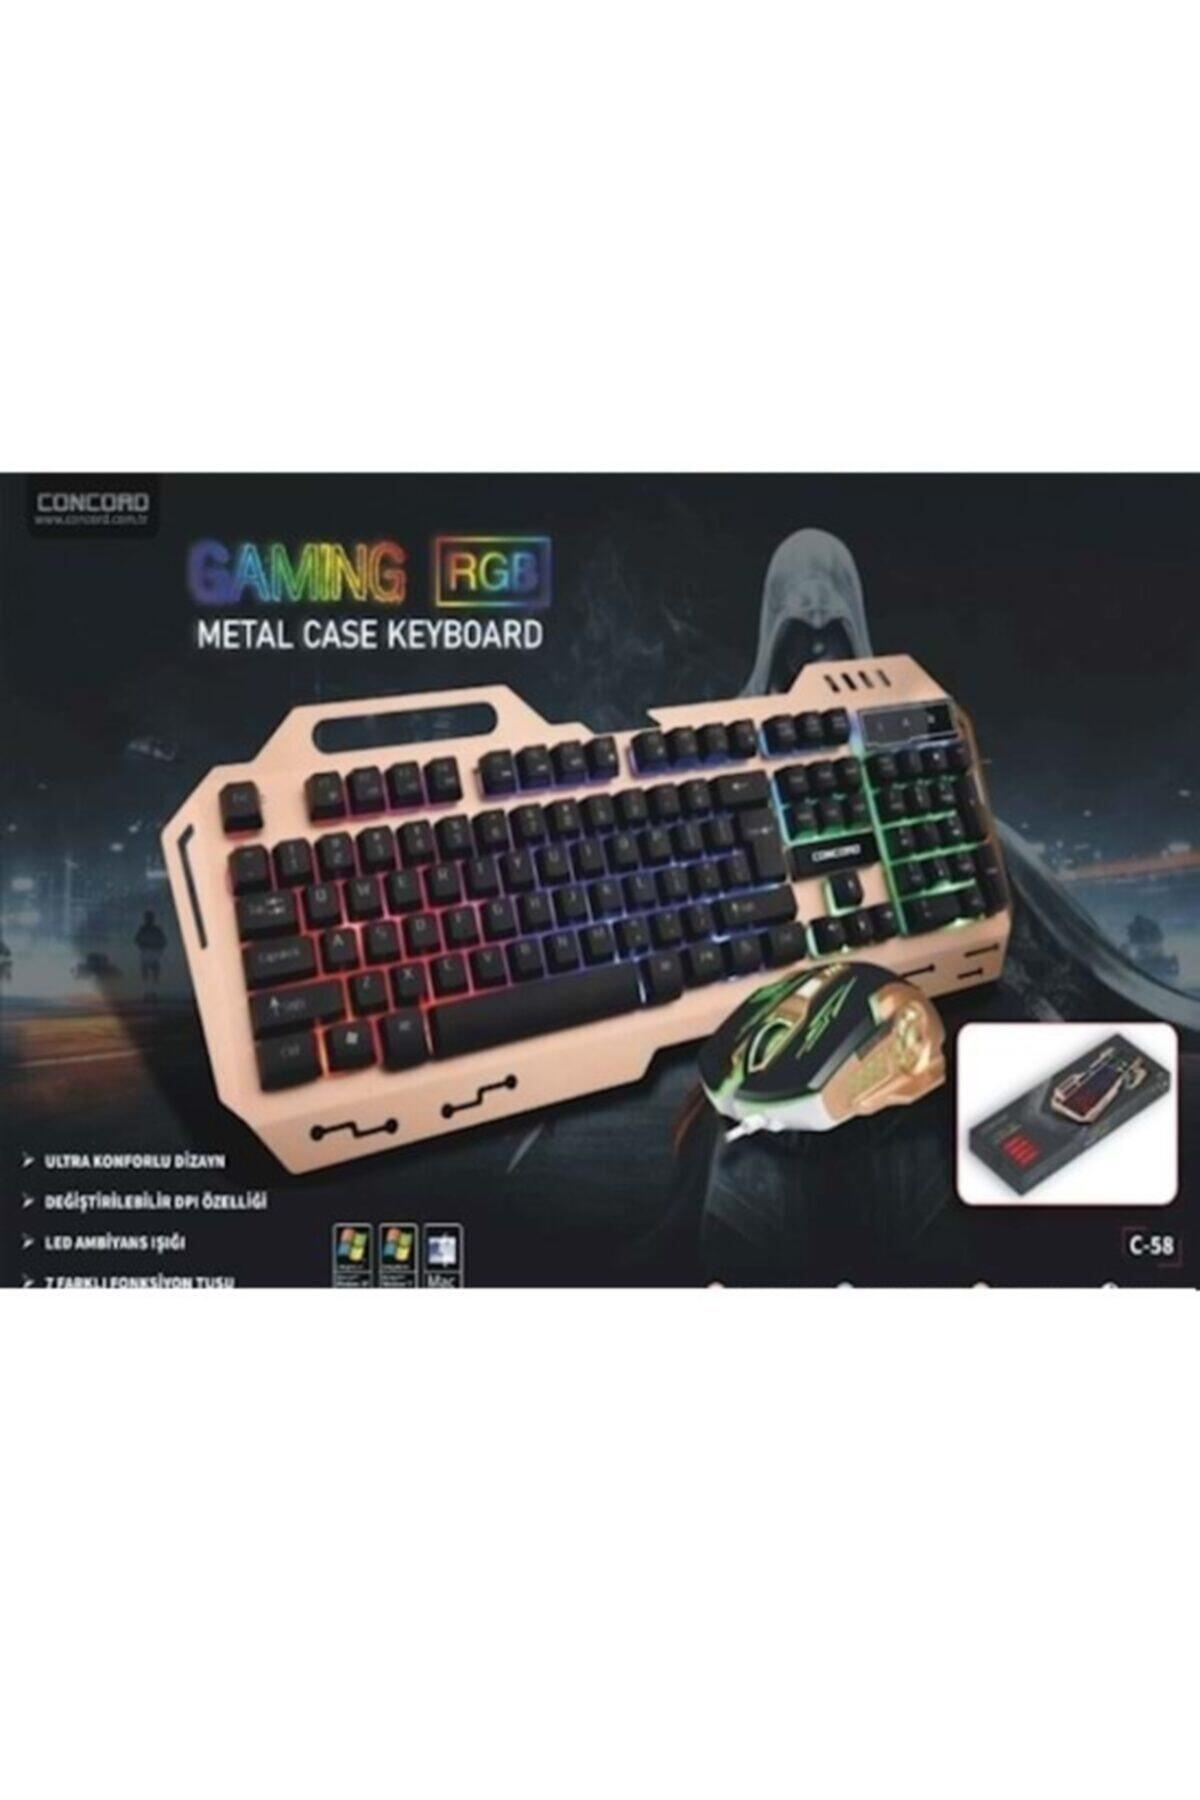 Concord C-58 Usb Aydınlatmalı Metal Kasa Q Gaming Mouse Klavye Set 2